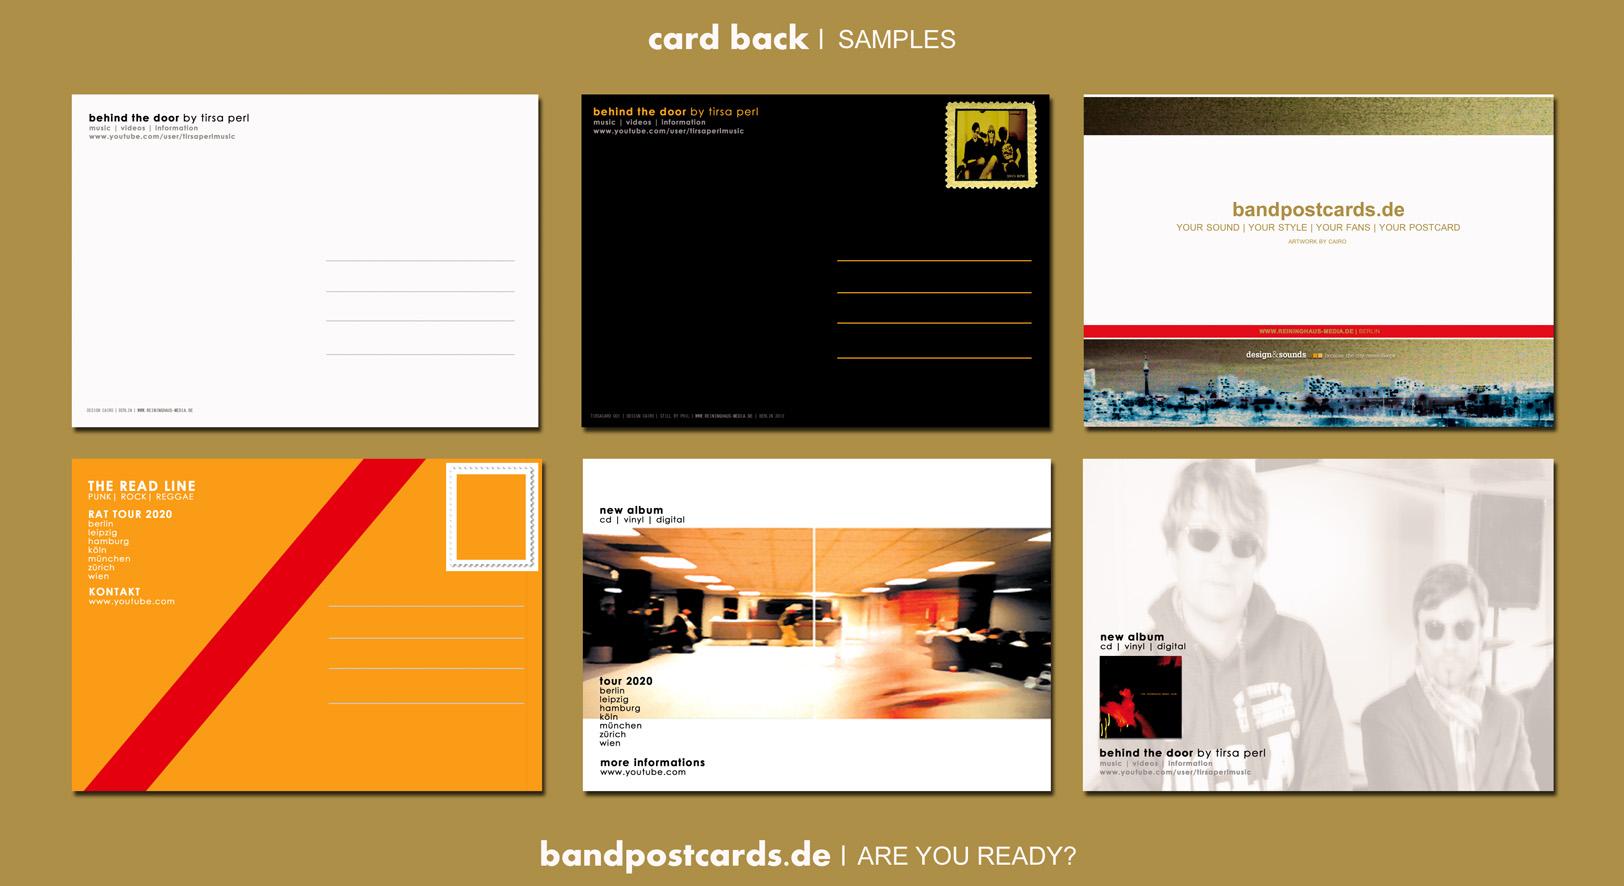 bandpostcards_cardback_kai reininghaus